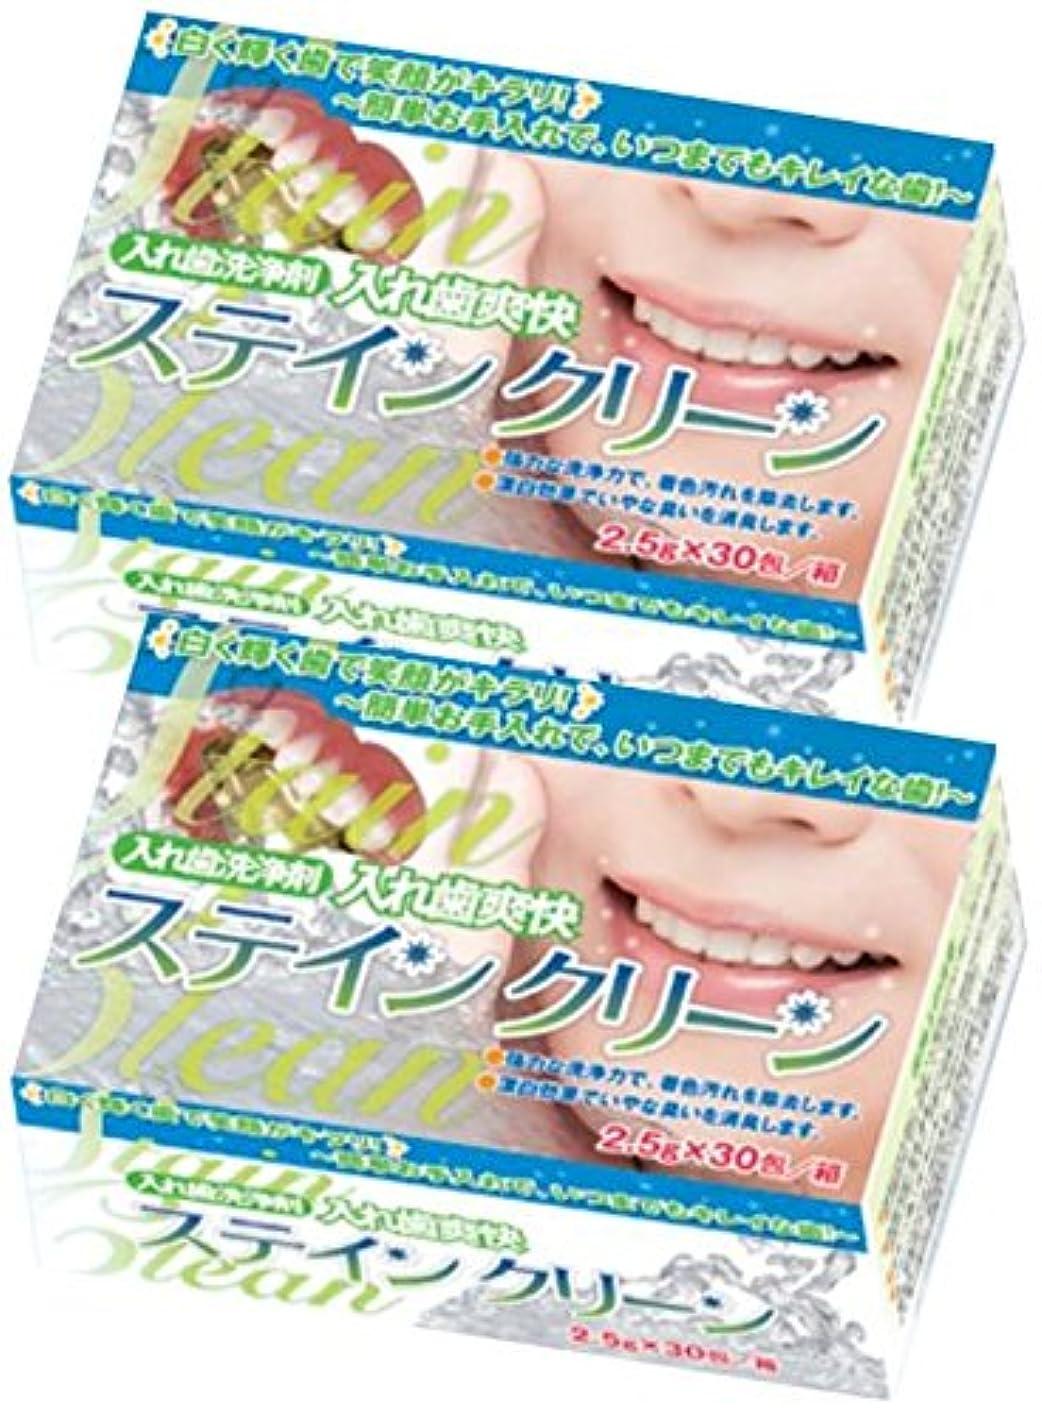 処理ささいな火入れ歯爽快 ステインクリーン 1箱(2.5g × 30包入り) 歯科医院専売品 (2箱)